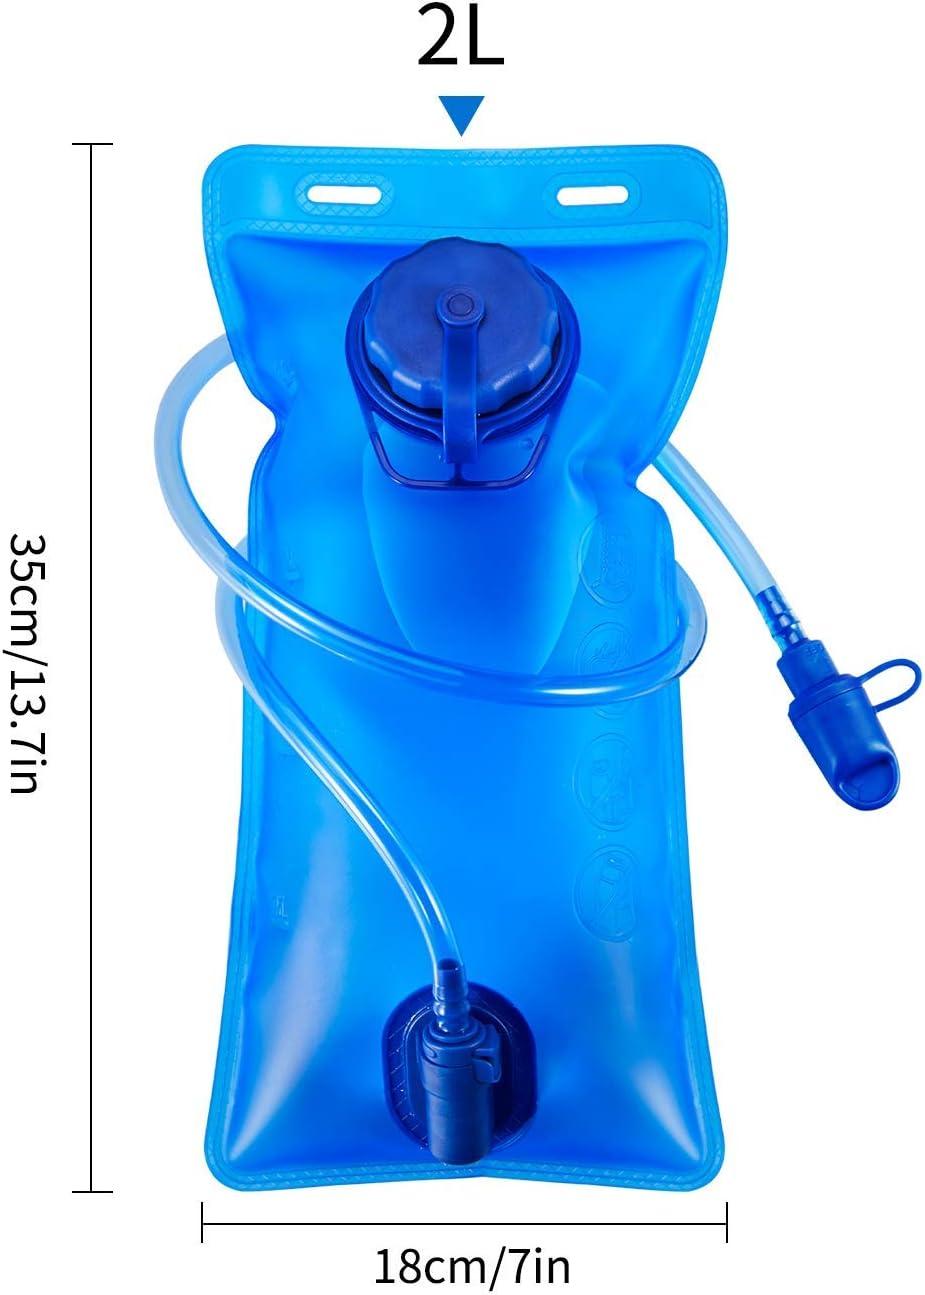 2 Liter Trinkblase Trinkblase Wasserblase Sport Wasser Blasen f/ür den Au/ßenbereich